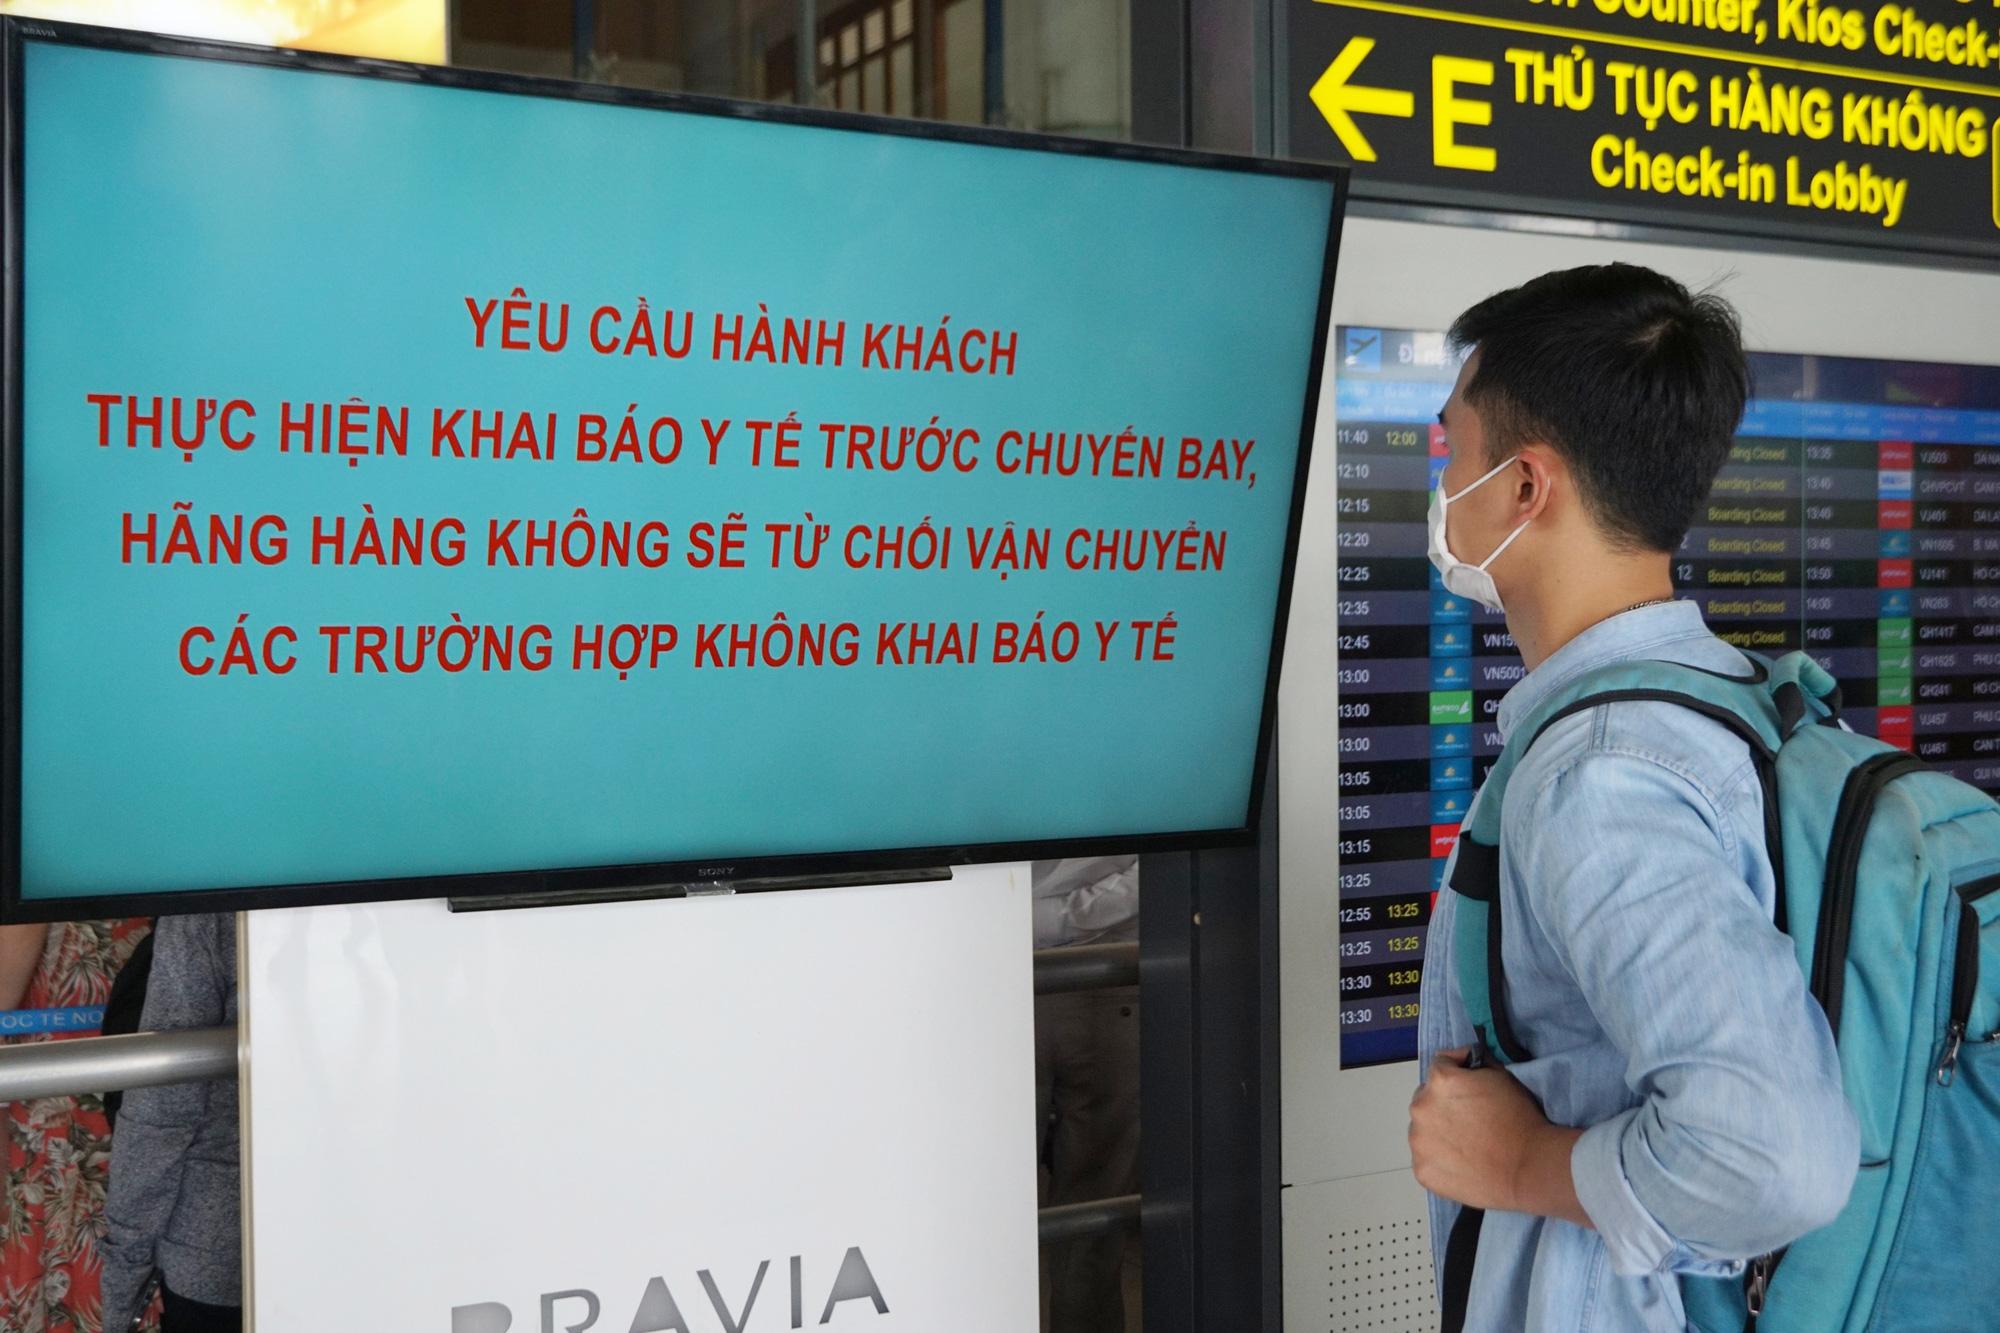 Hàng vạn hành khách xếp hàng dài chờ check-in tại sân bay Nội Bài trước ngày nghỉ lễ 30/4-1/5 - Ảnh 5.